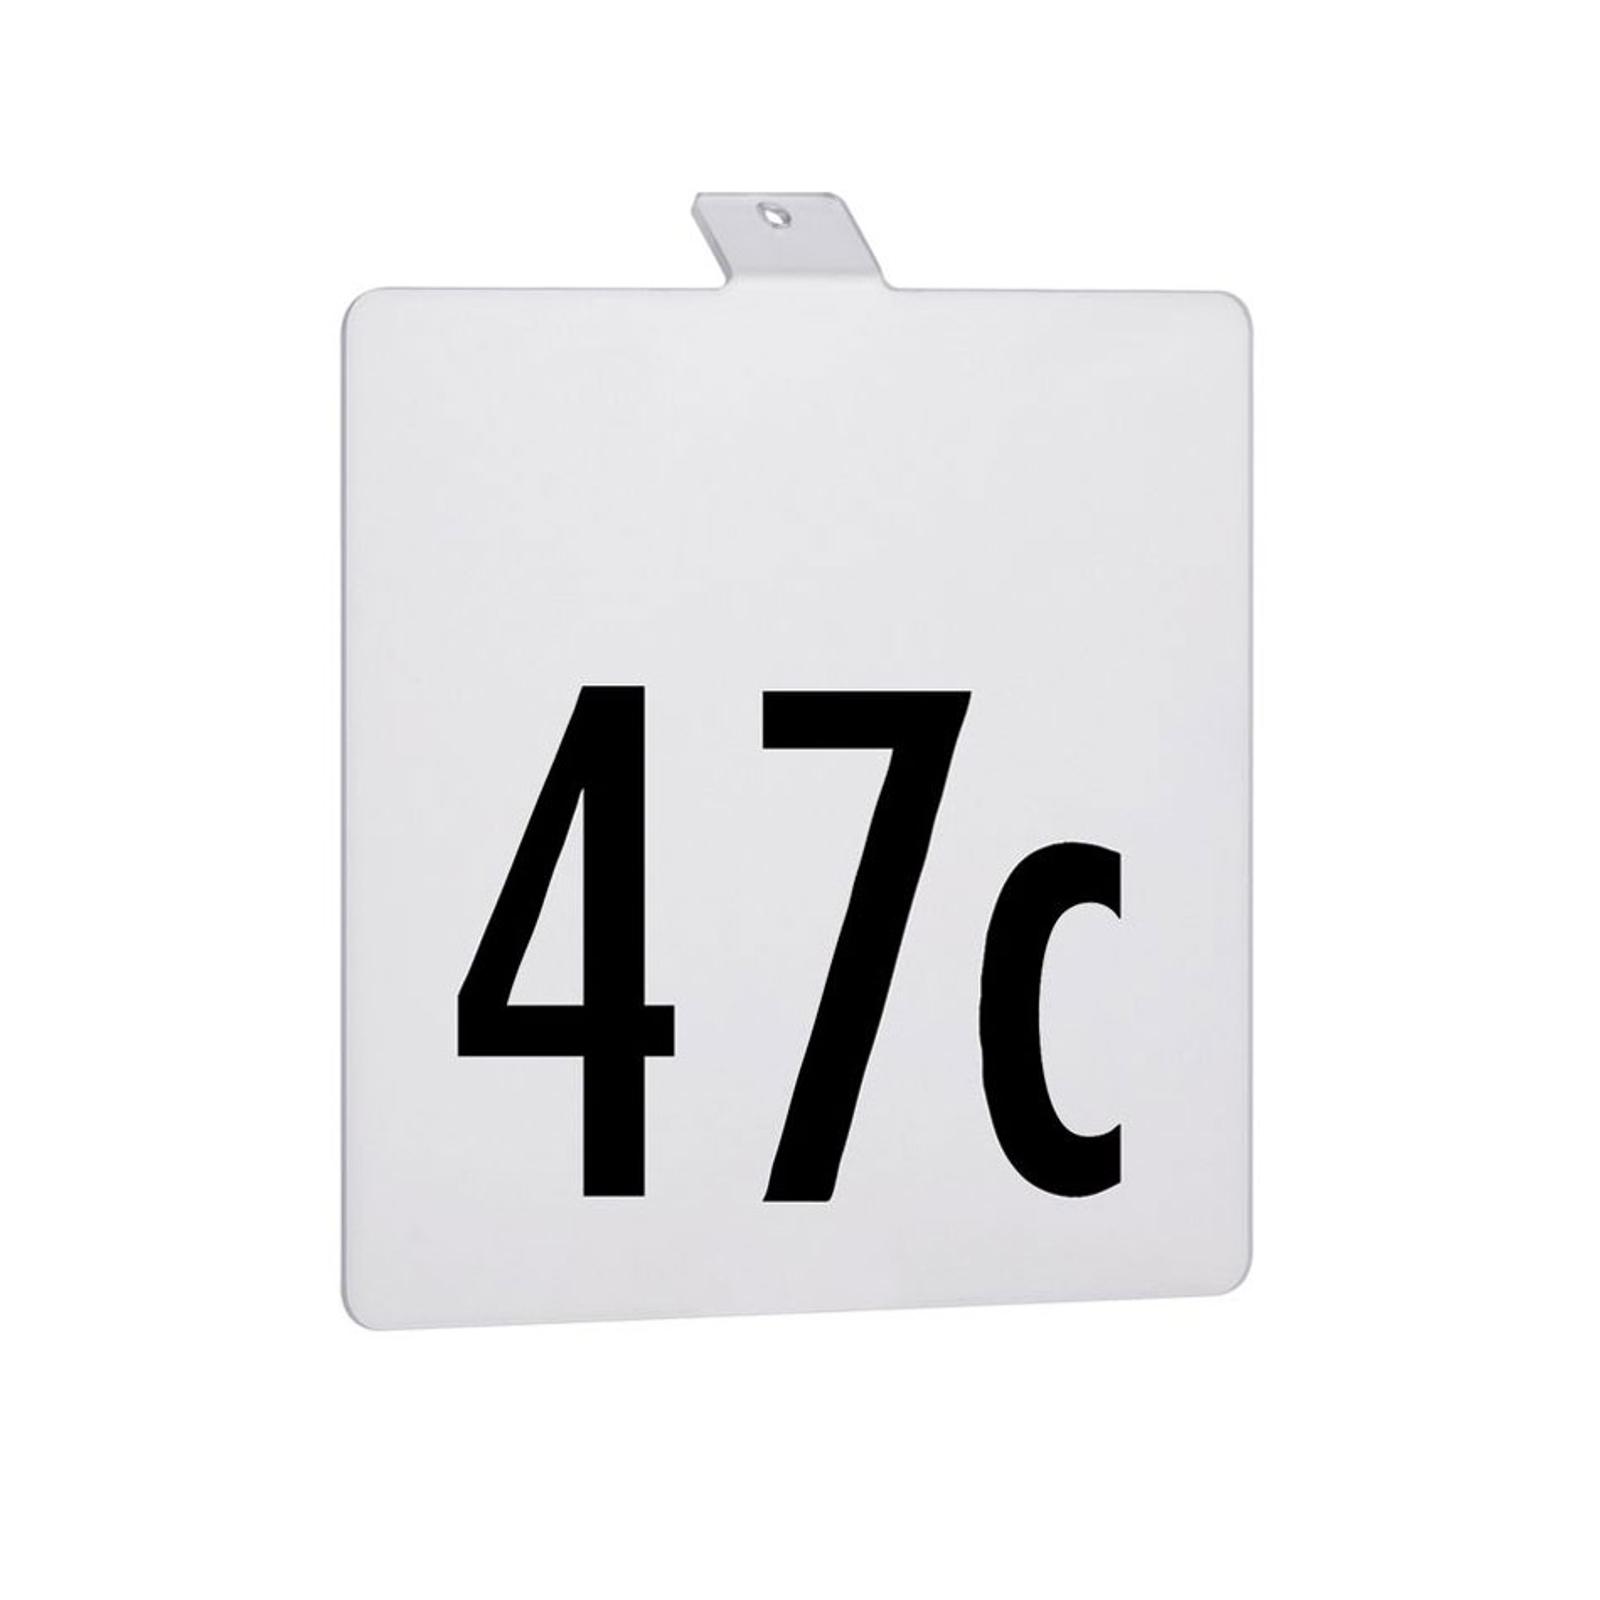 Paulmann número de casa de lámpara LED solar Soley